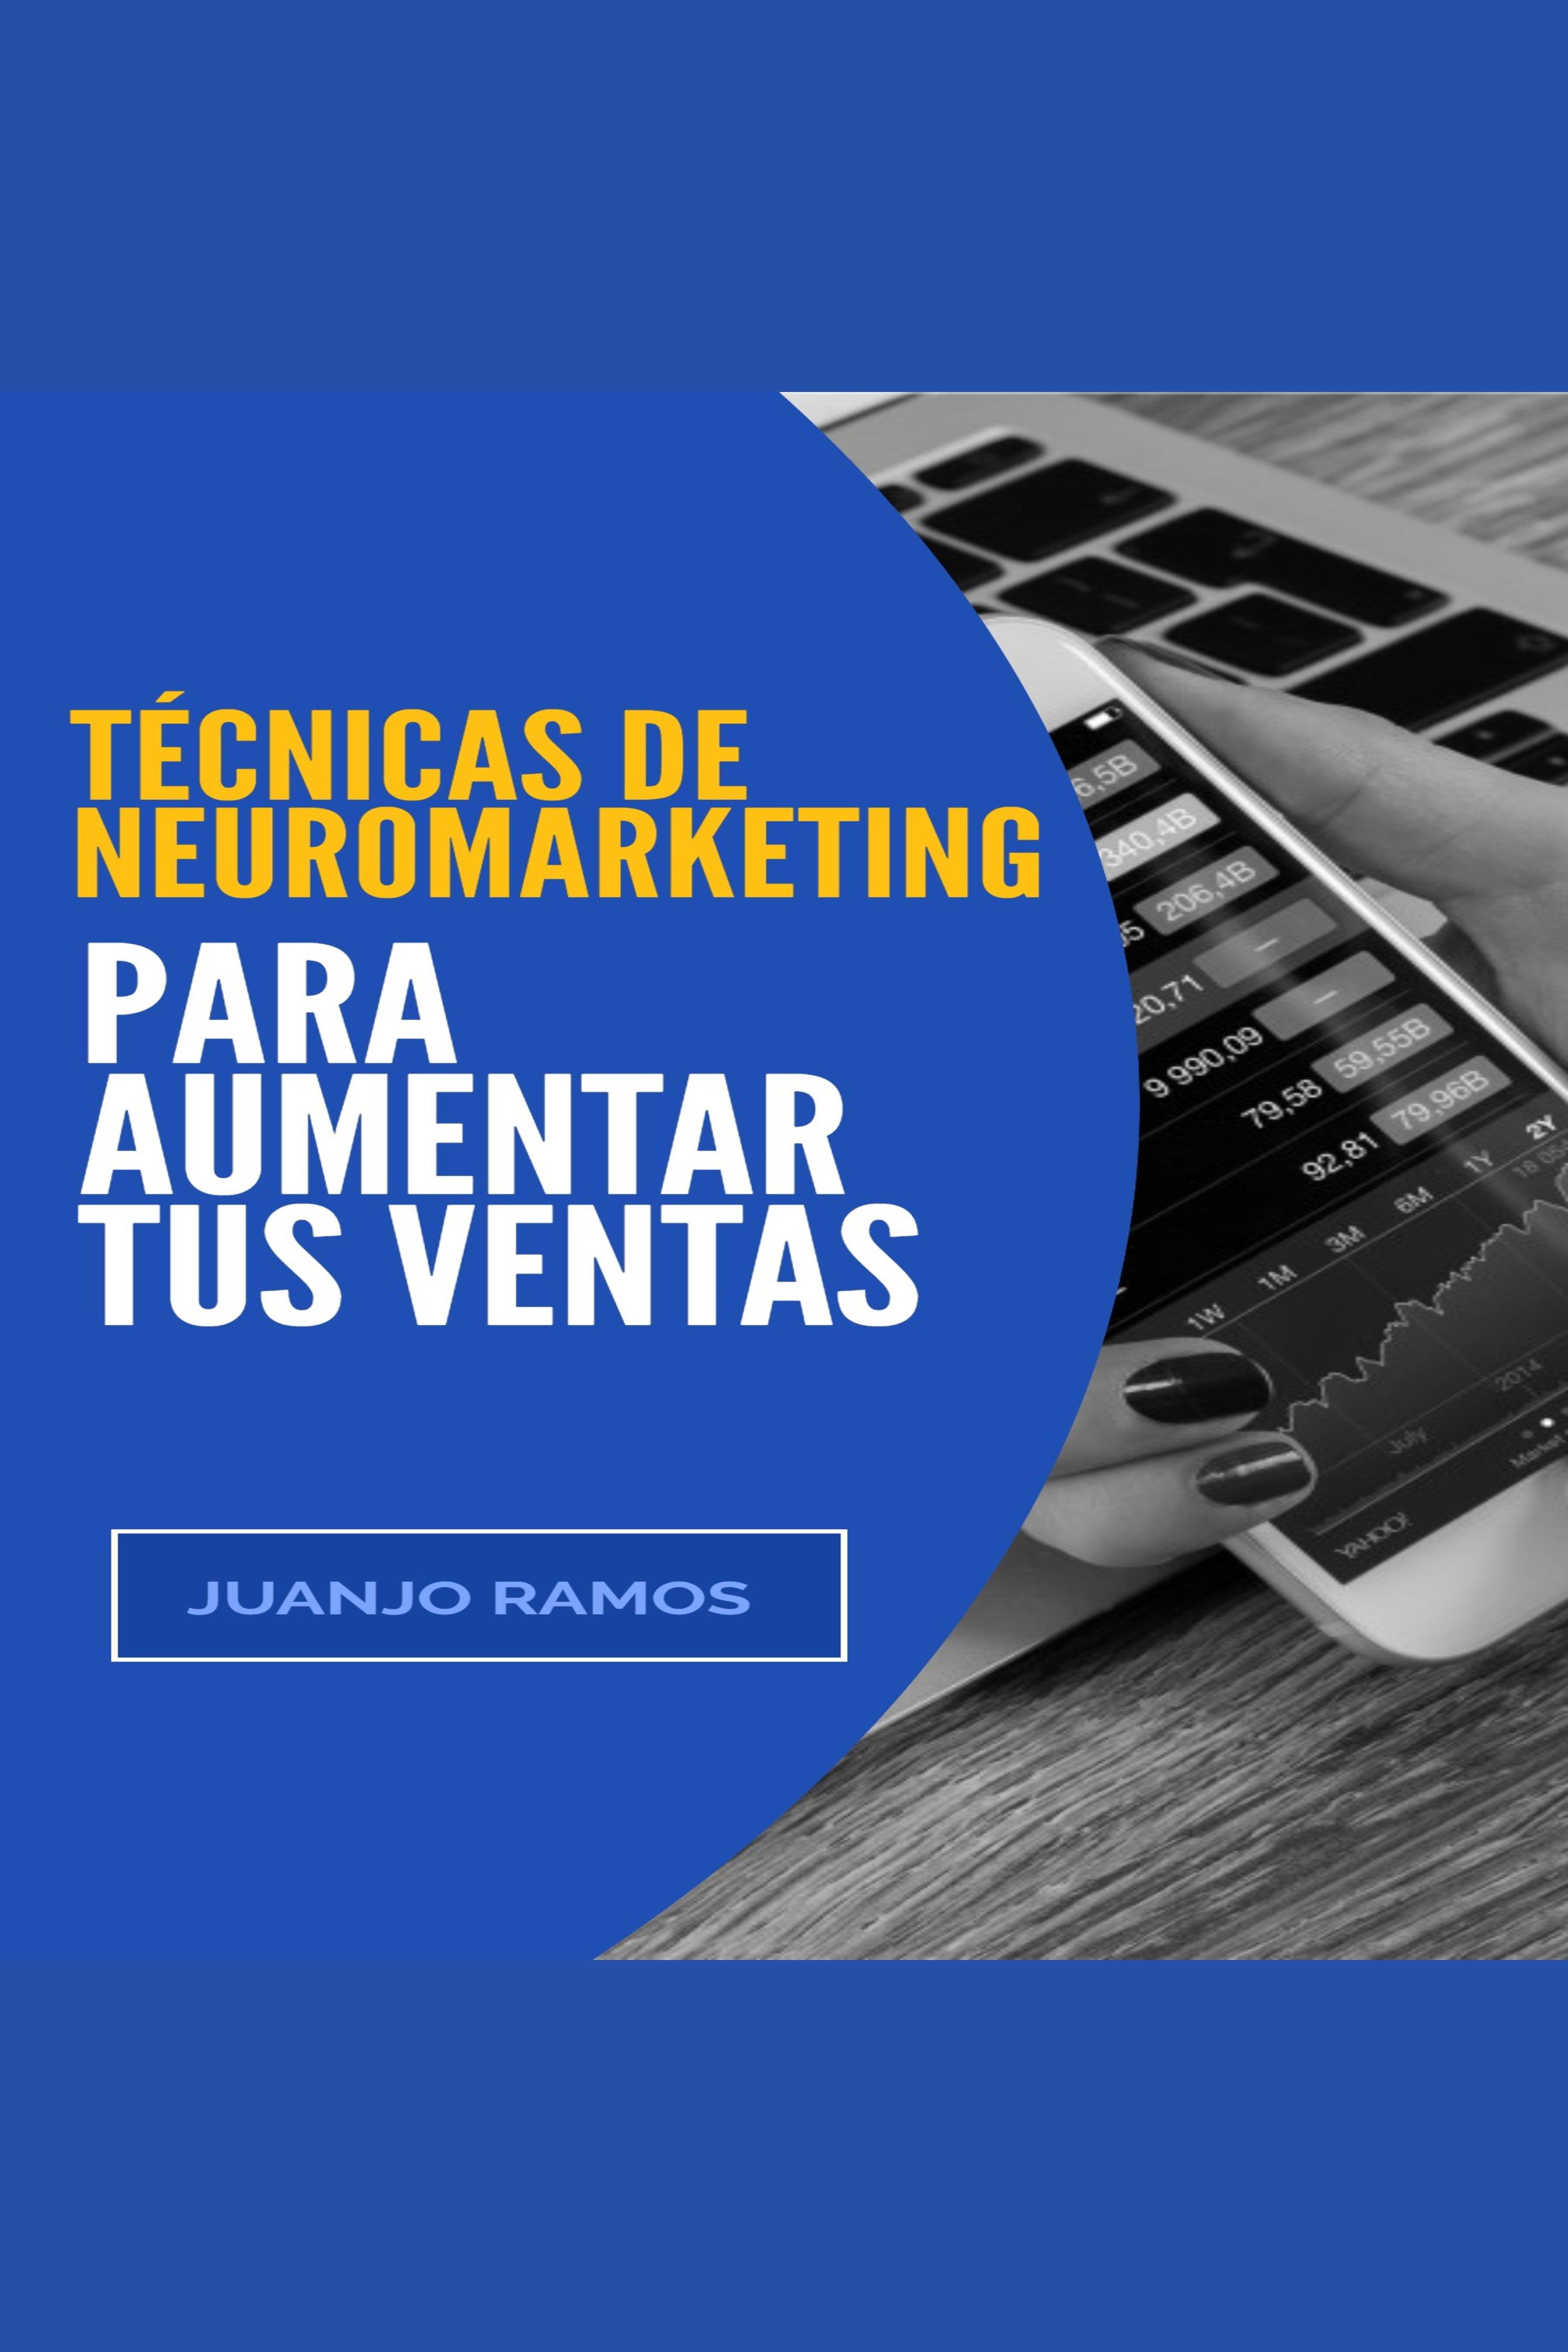 Esta es la portada del audiolibro Técnicas de neuromarketing para aumentar tus ventas